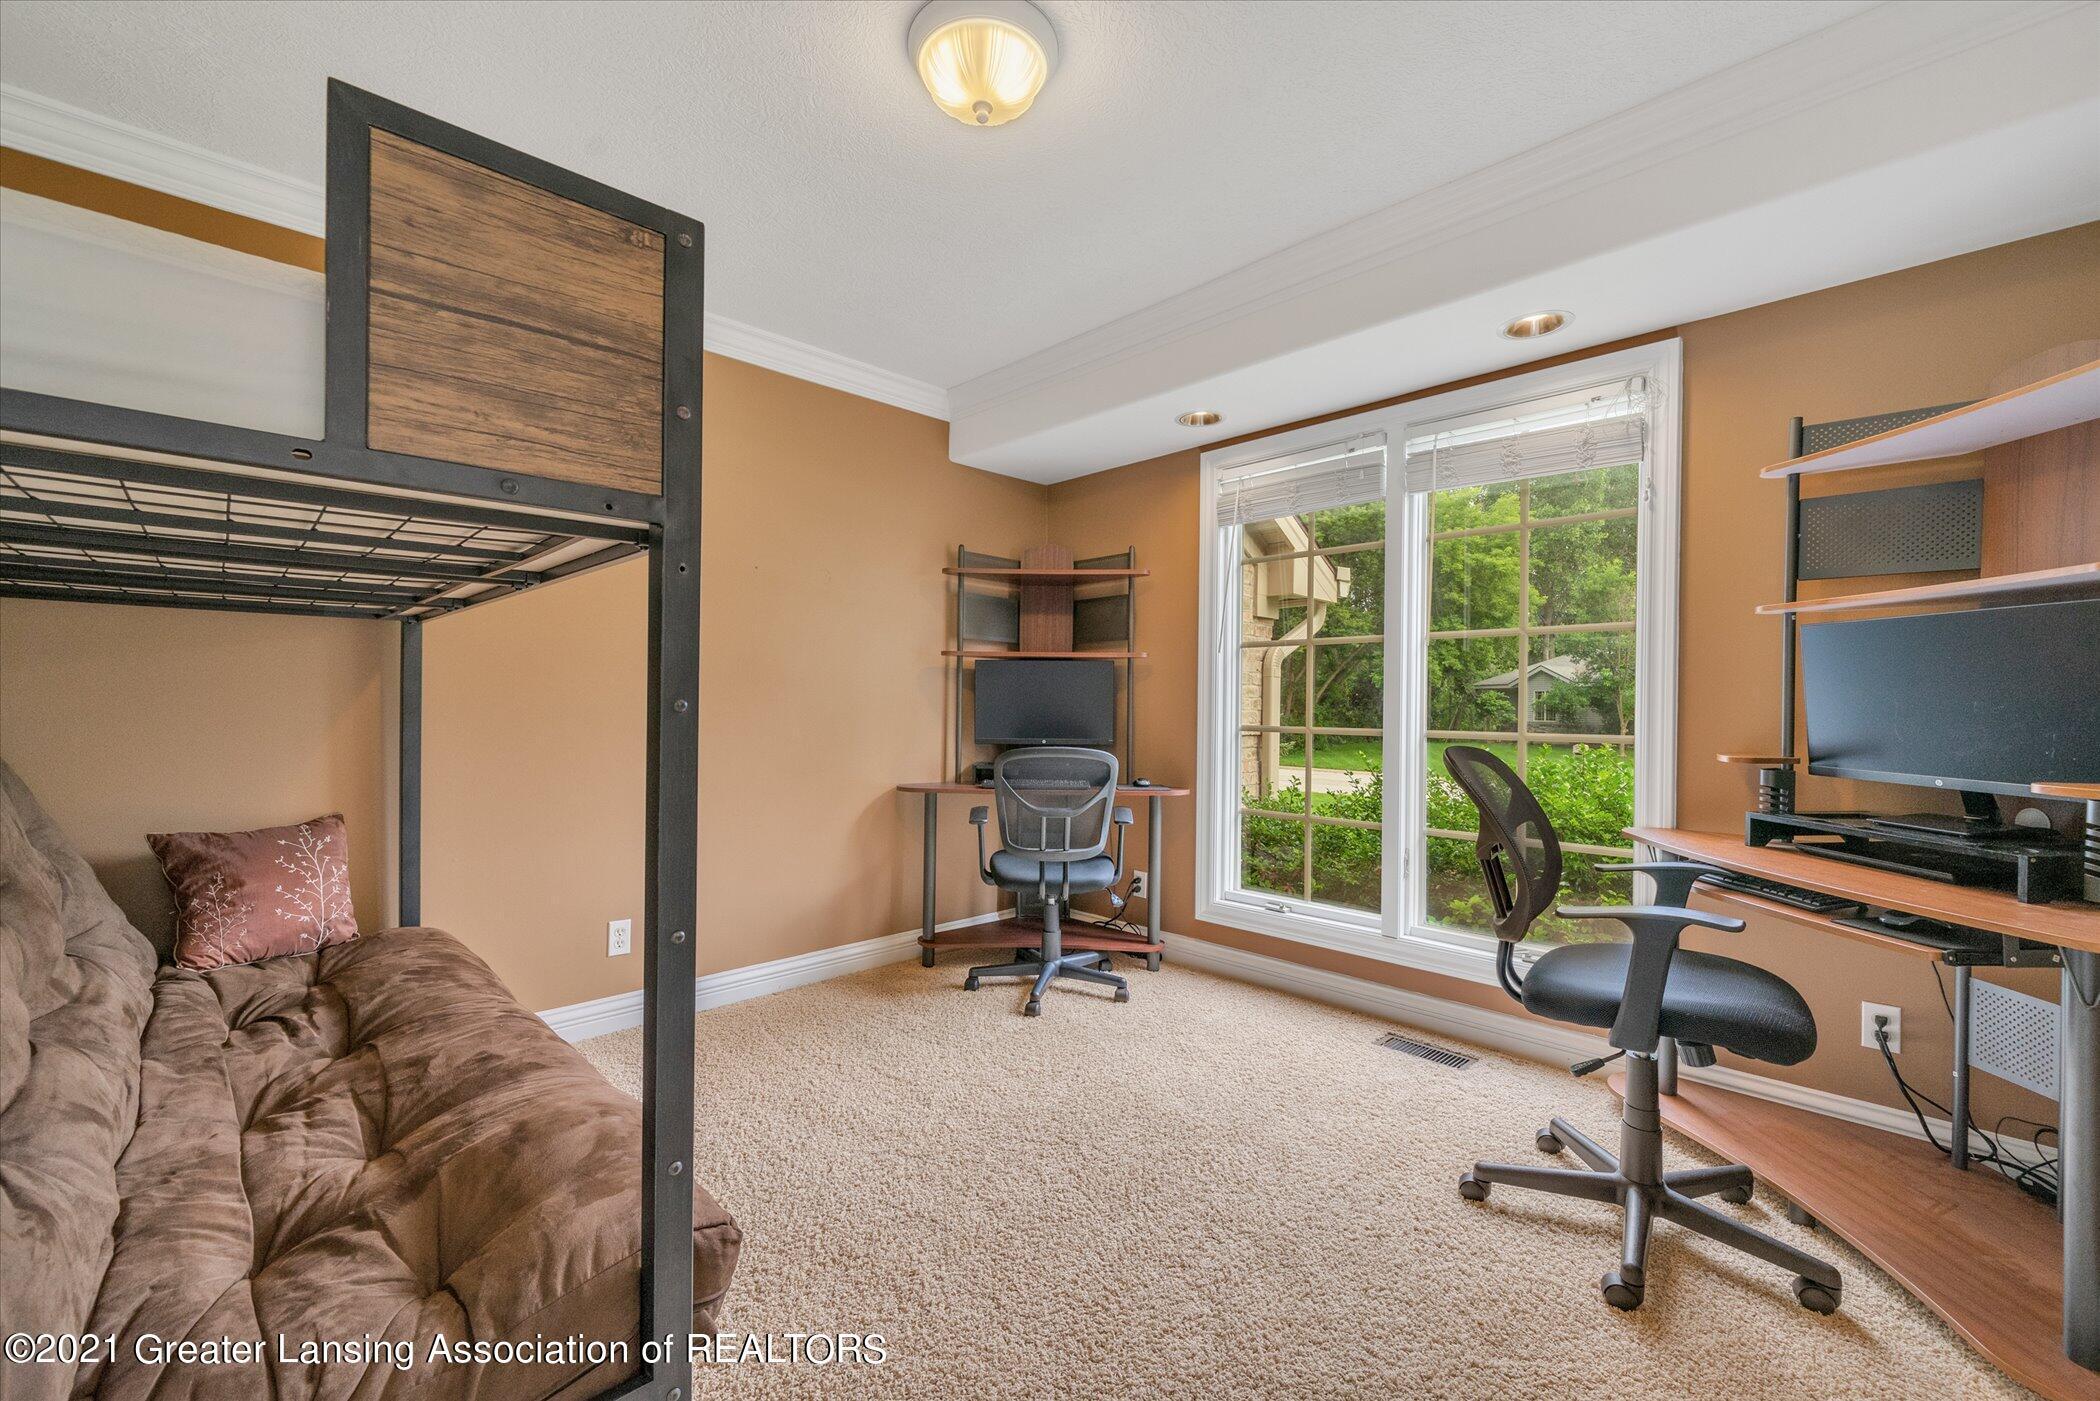 8100 Casandra Ln - MAIN FLOOR Bedroom or Office - 21